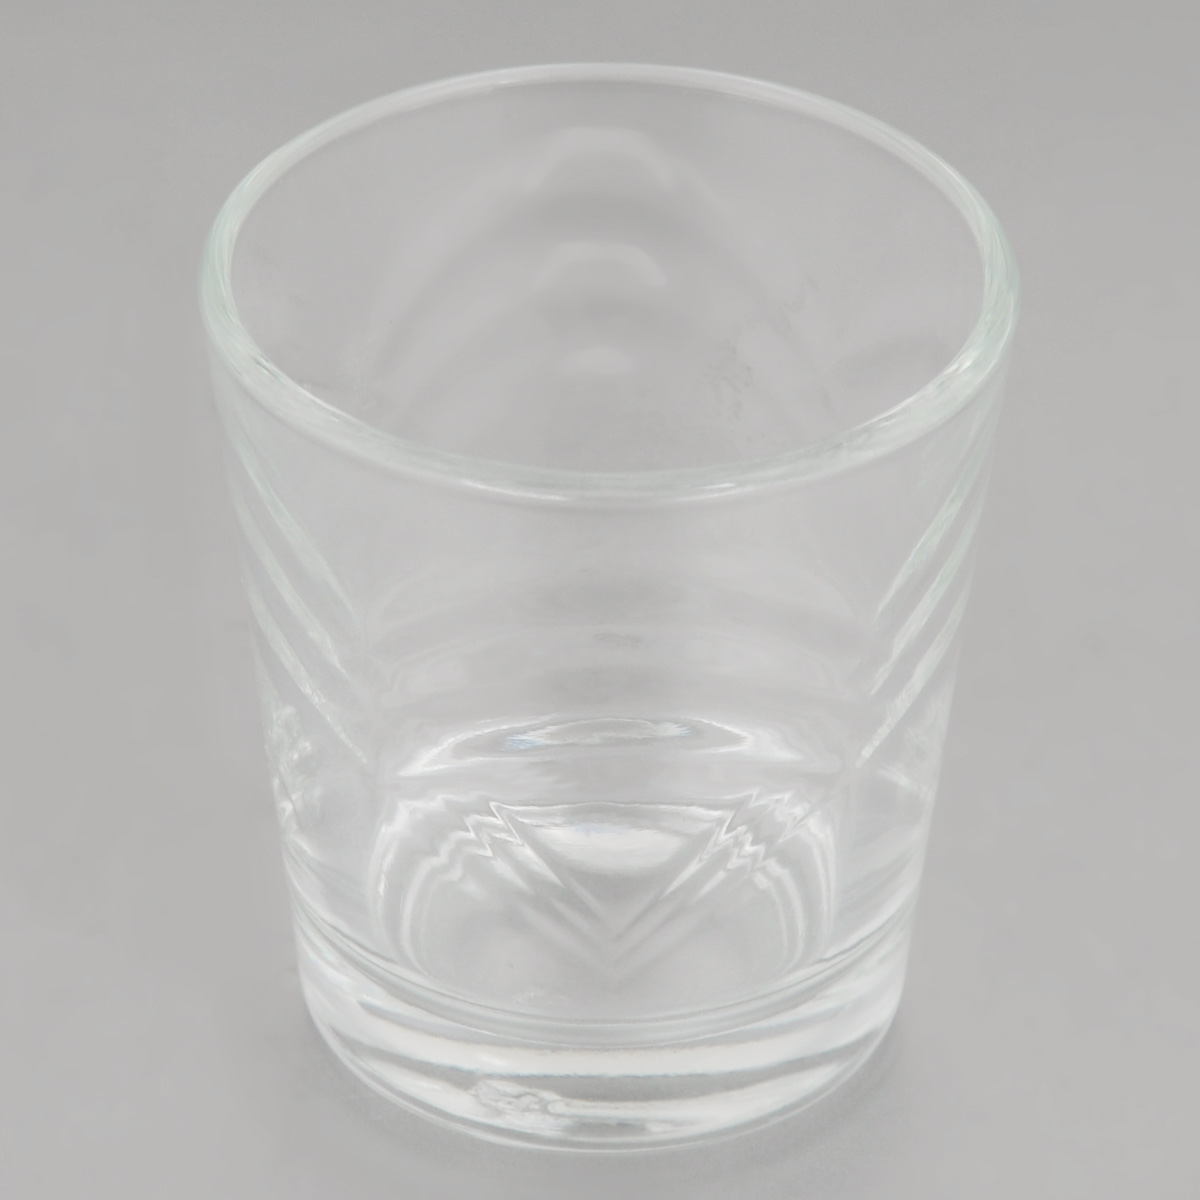 """Стопка OSZ """"Сидней"""" изготовлена из прозрачного стекла и идеально подходит  для крепких спиртных напитков. Такая стопка станет отличным дополнением сервировки стола.  Диаметр стопки (по верхнему краю): 5 см.  Высота стопки: 6 см."""